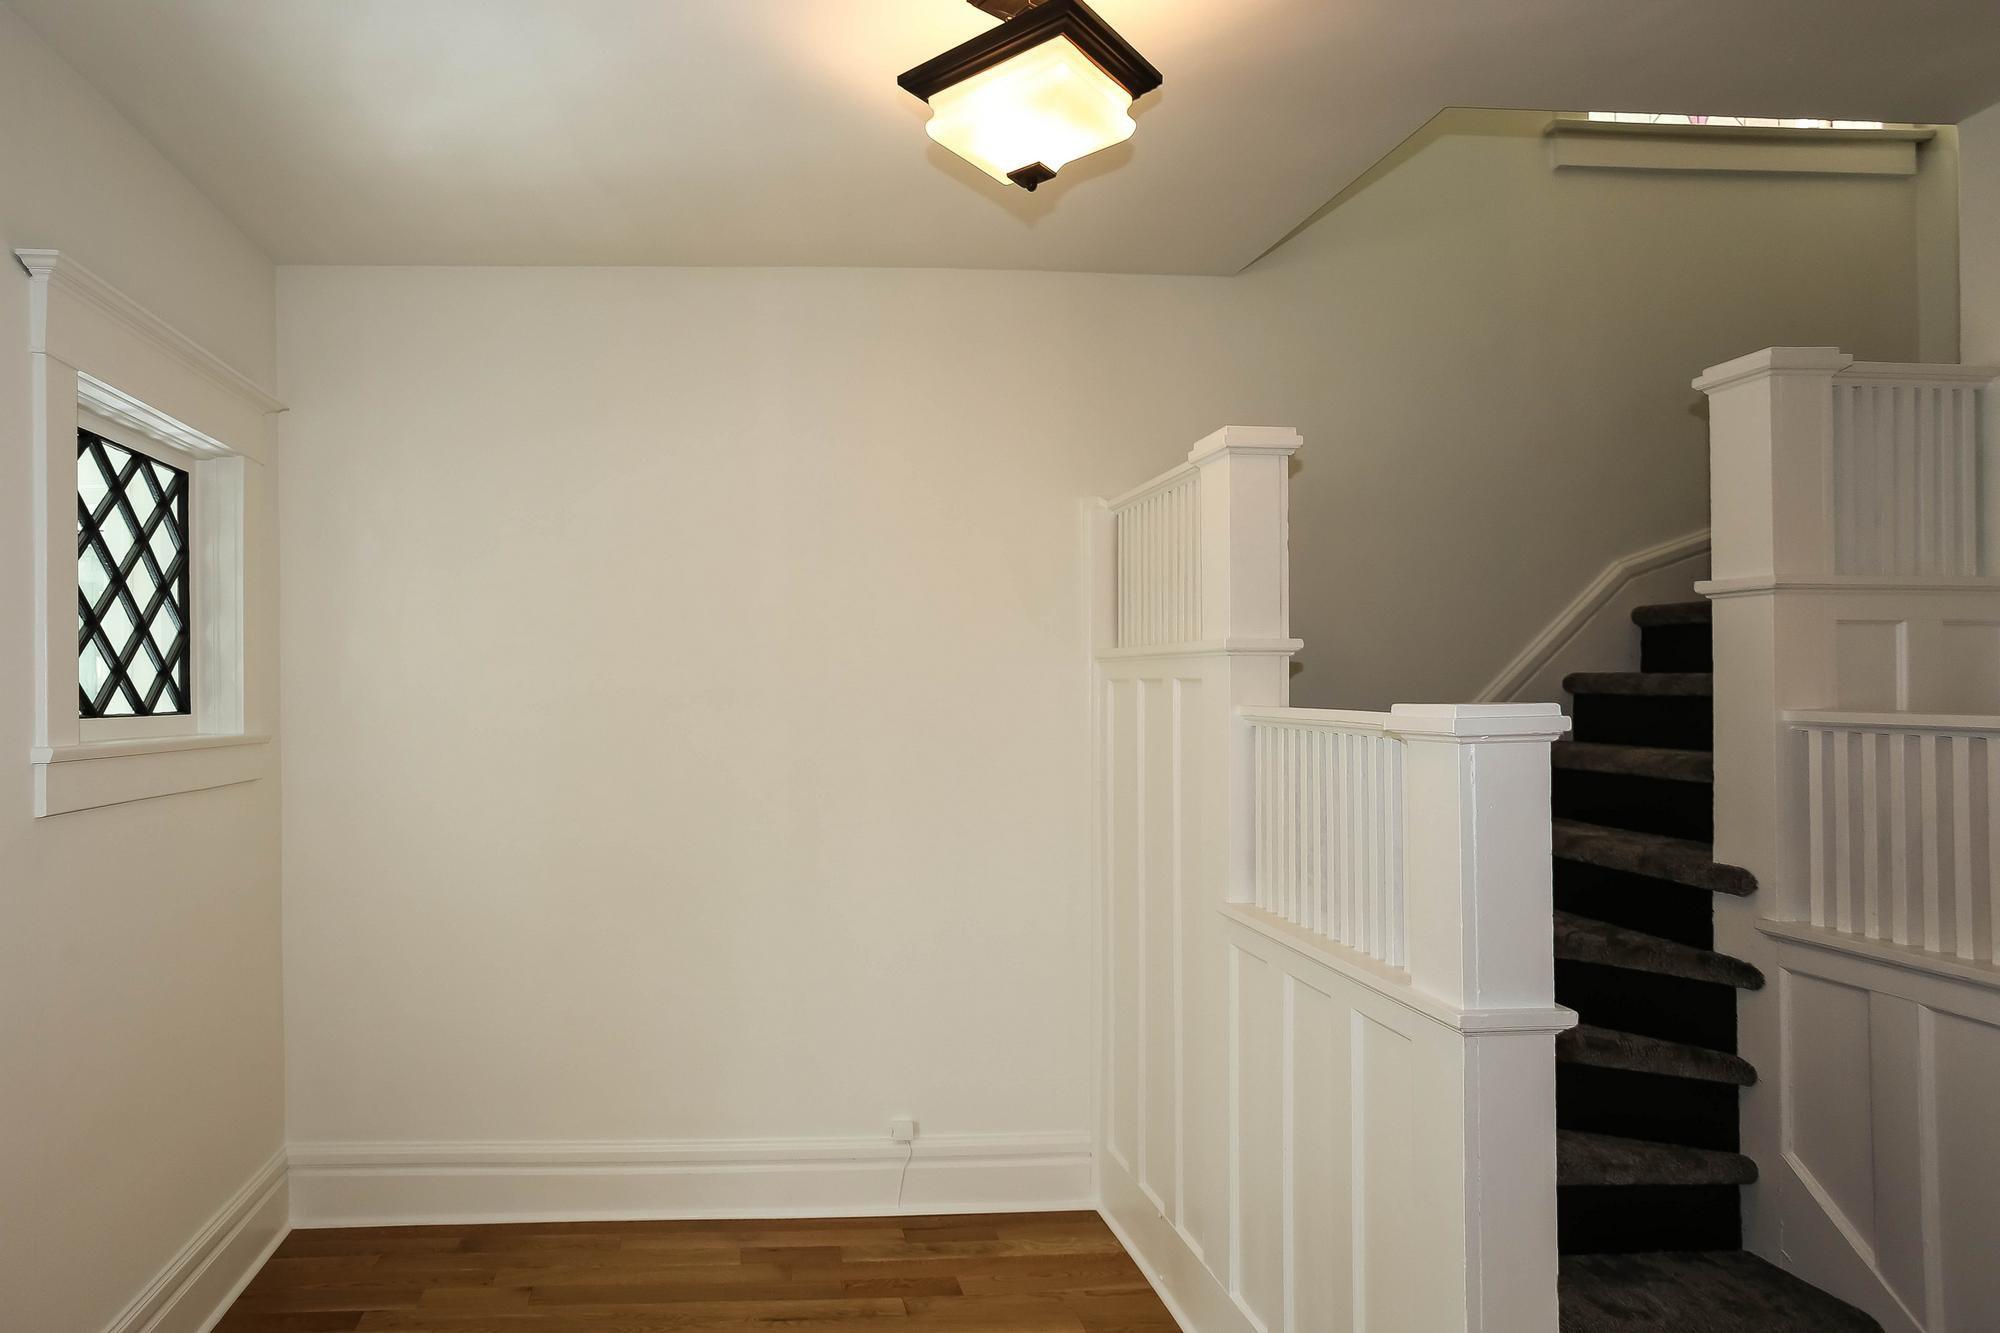 Photo 7: Photos: 108 LENORE Street in Winnipeg: Wolseley Single Family Detached for sale (5B)  : MLS®# 202013079